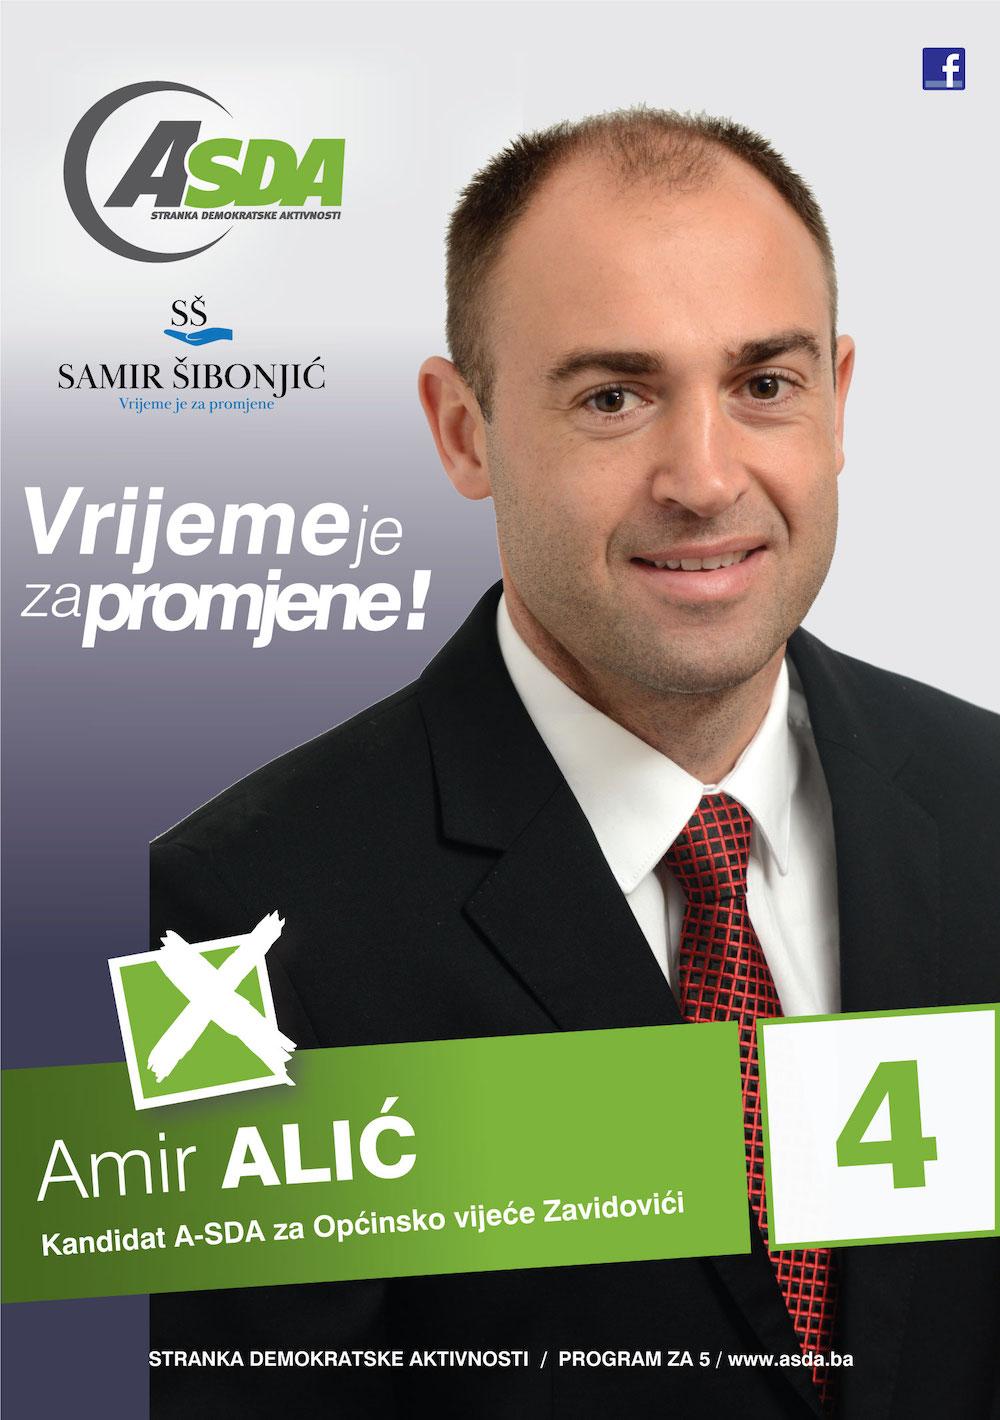 Amir Alić